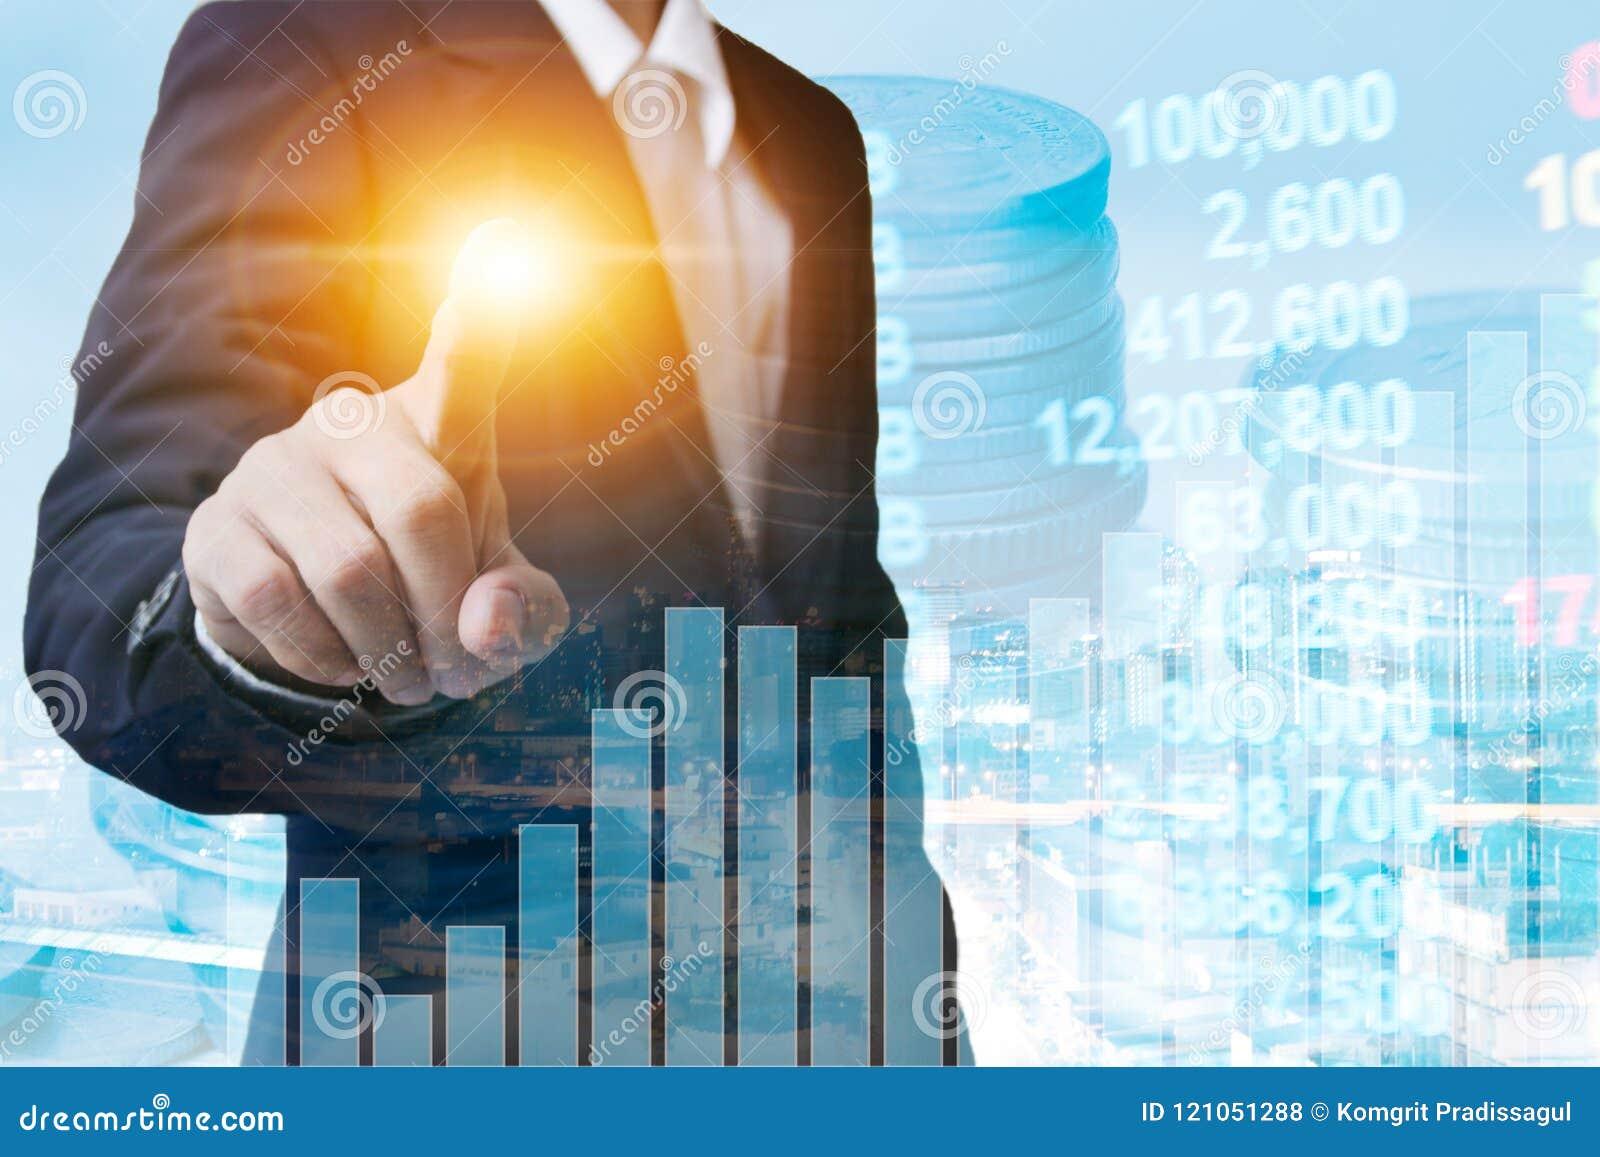 επιχειρησιακές ιδέες και ανταγωνισμός και σχέδιο στρατηγικής